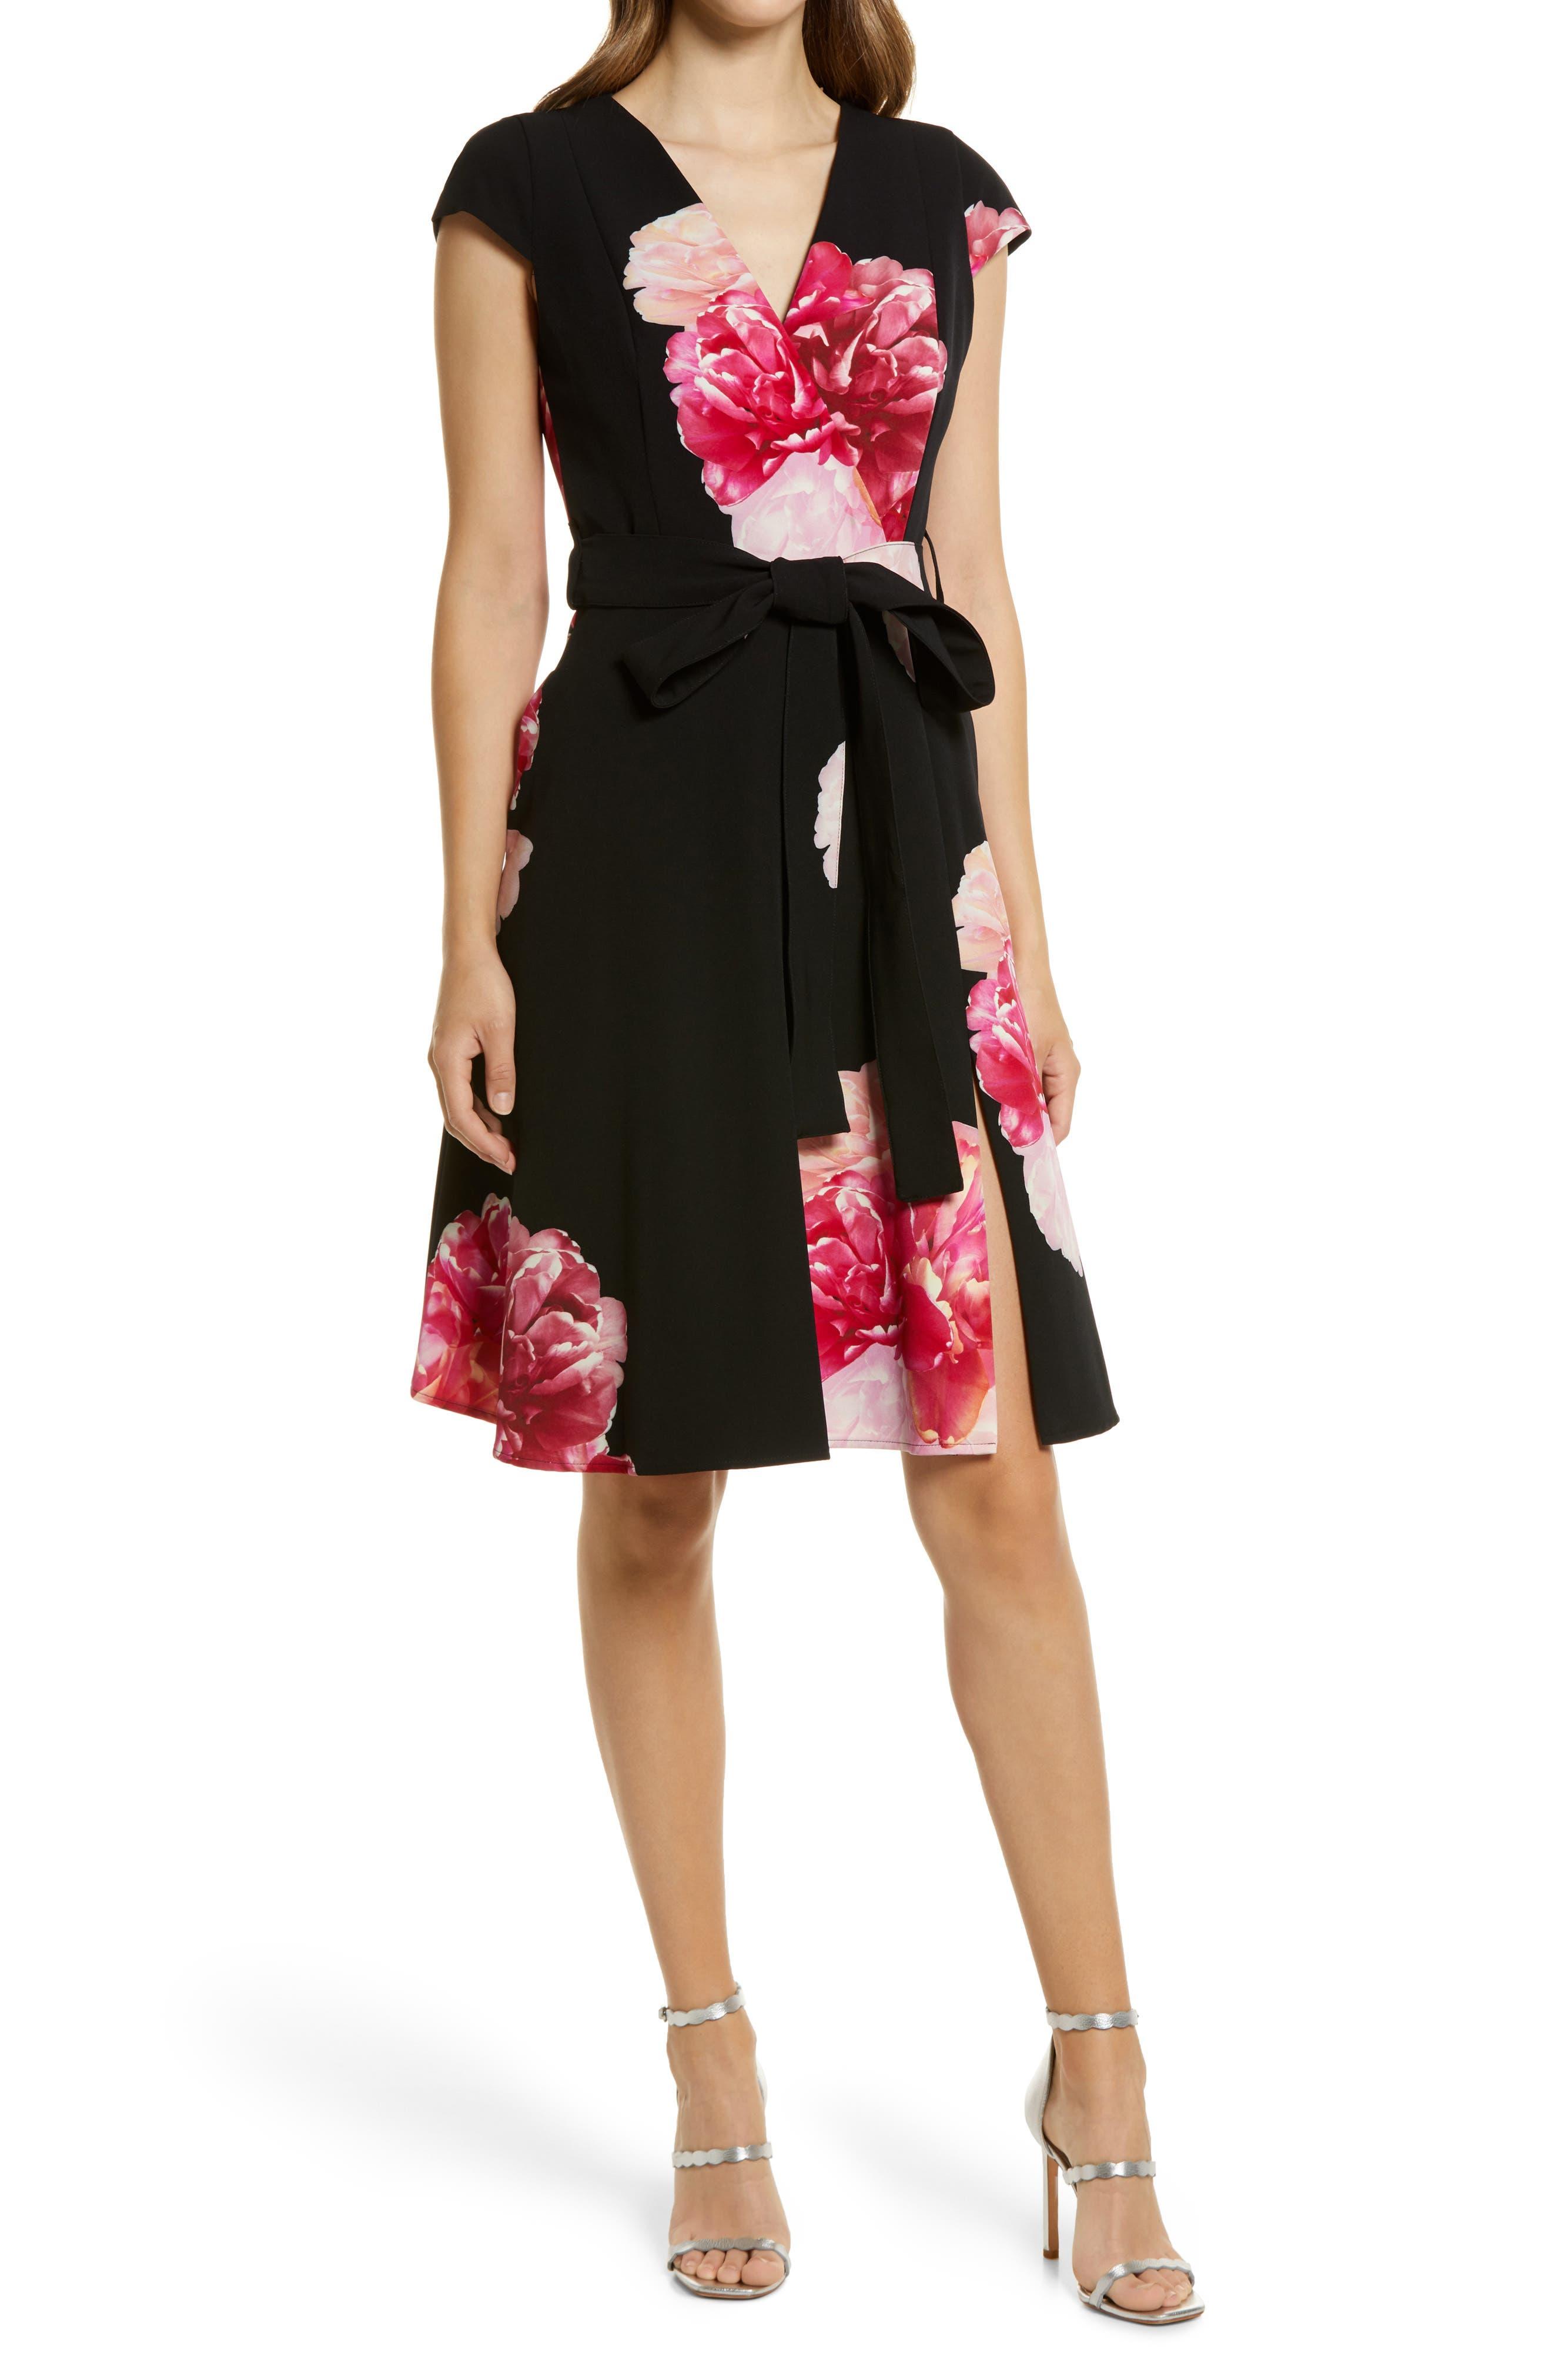 Pandora Bold Floral Print Dress